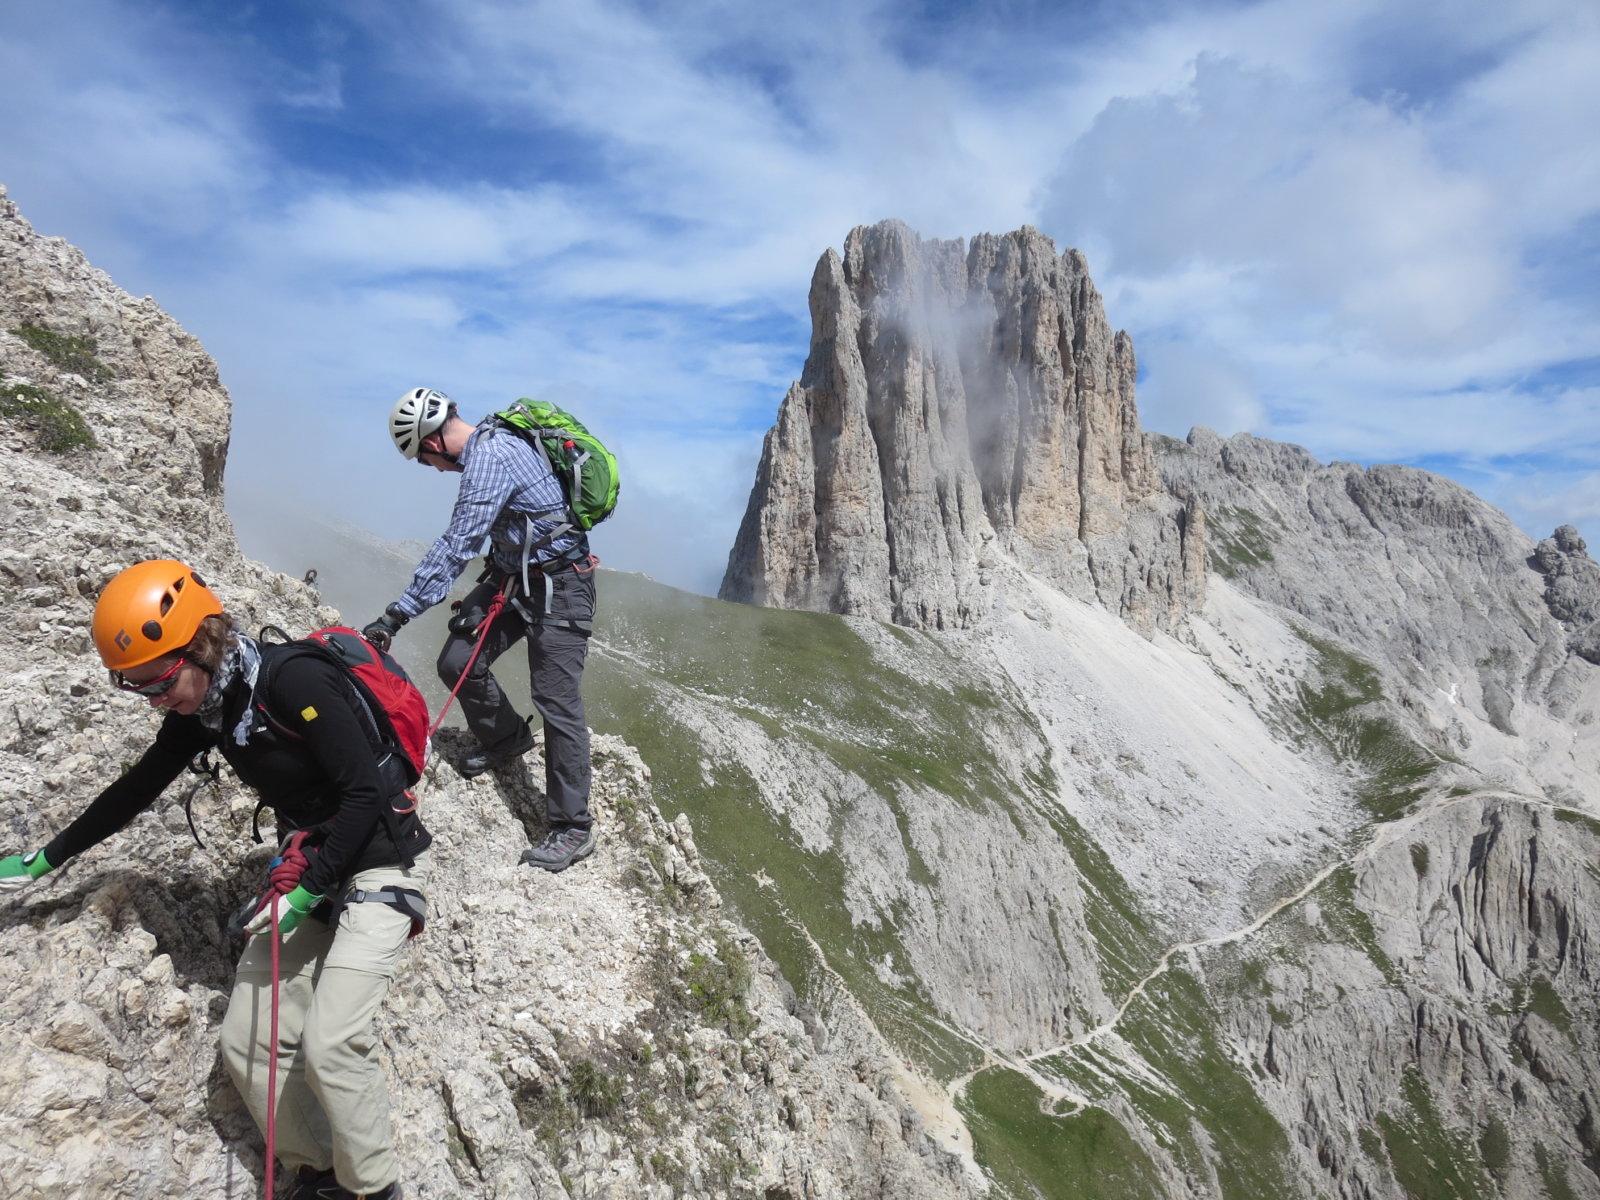 Klettersteig Für Anfänger : Klettersteig a b bergtour online